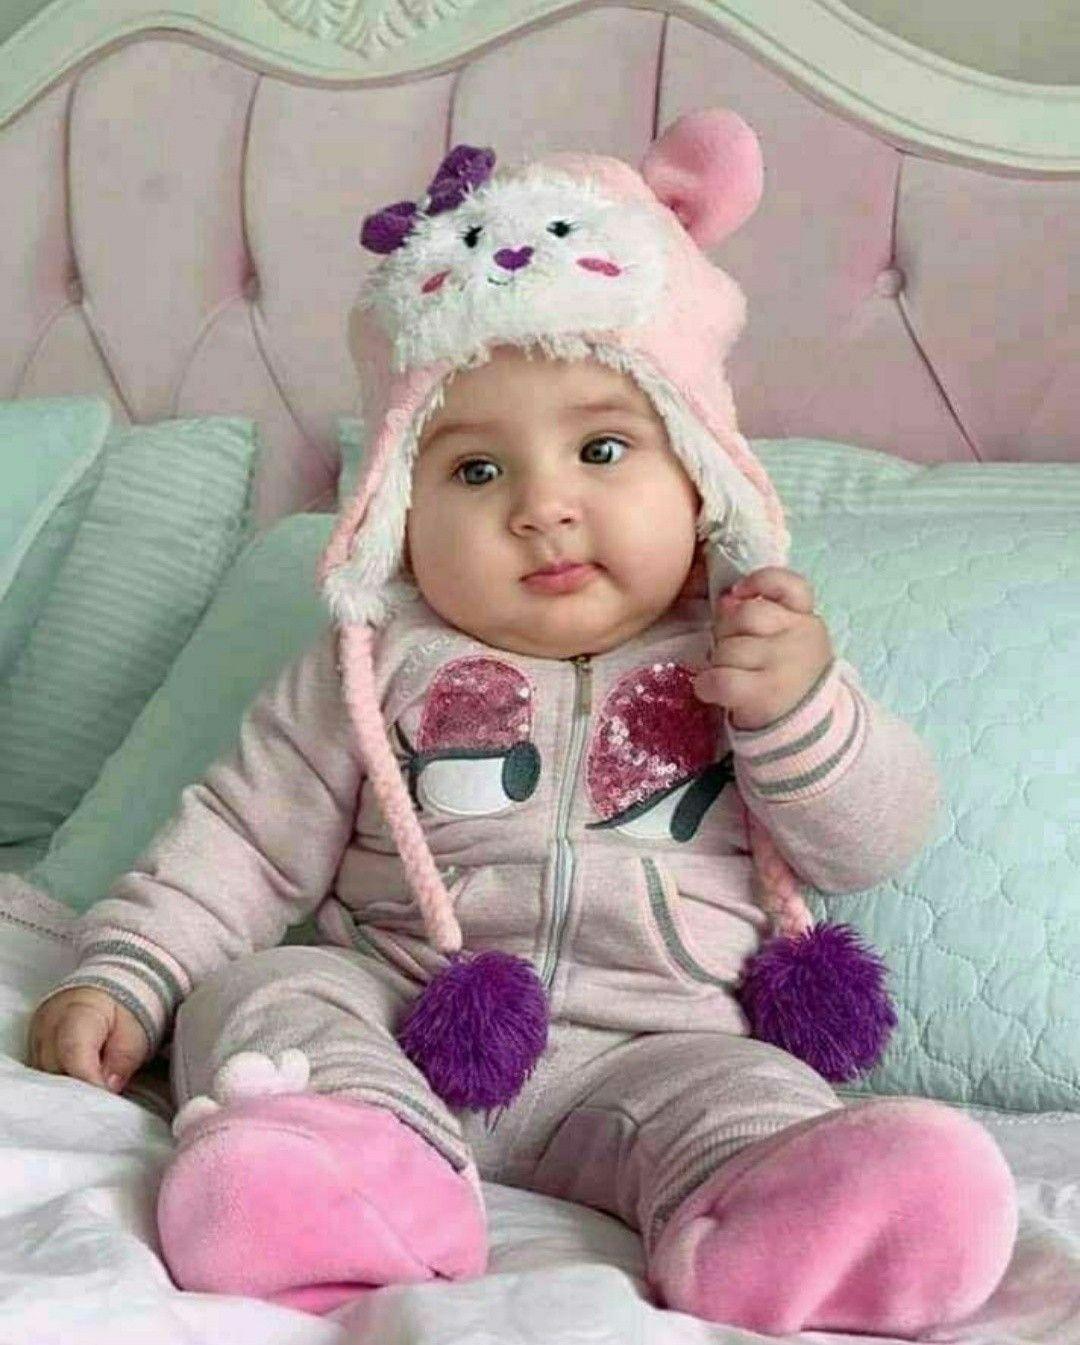 احلى الصور للاطفال الصغار 2020 Newborn Baby Photoshoot Mother Baby Photography Baby Photoshoot